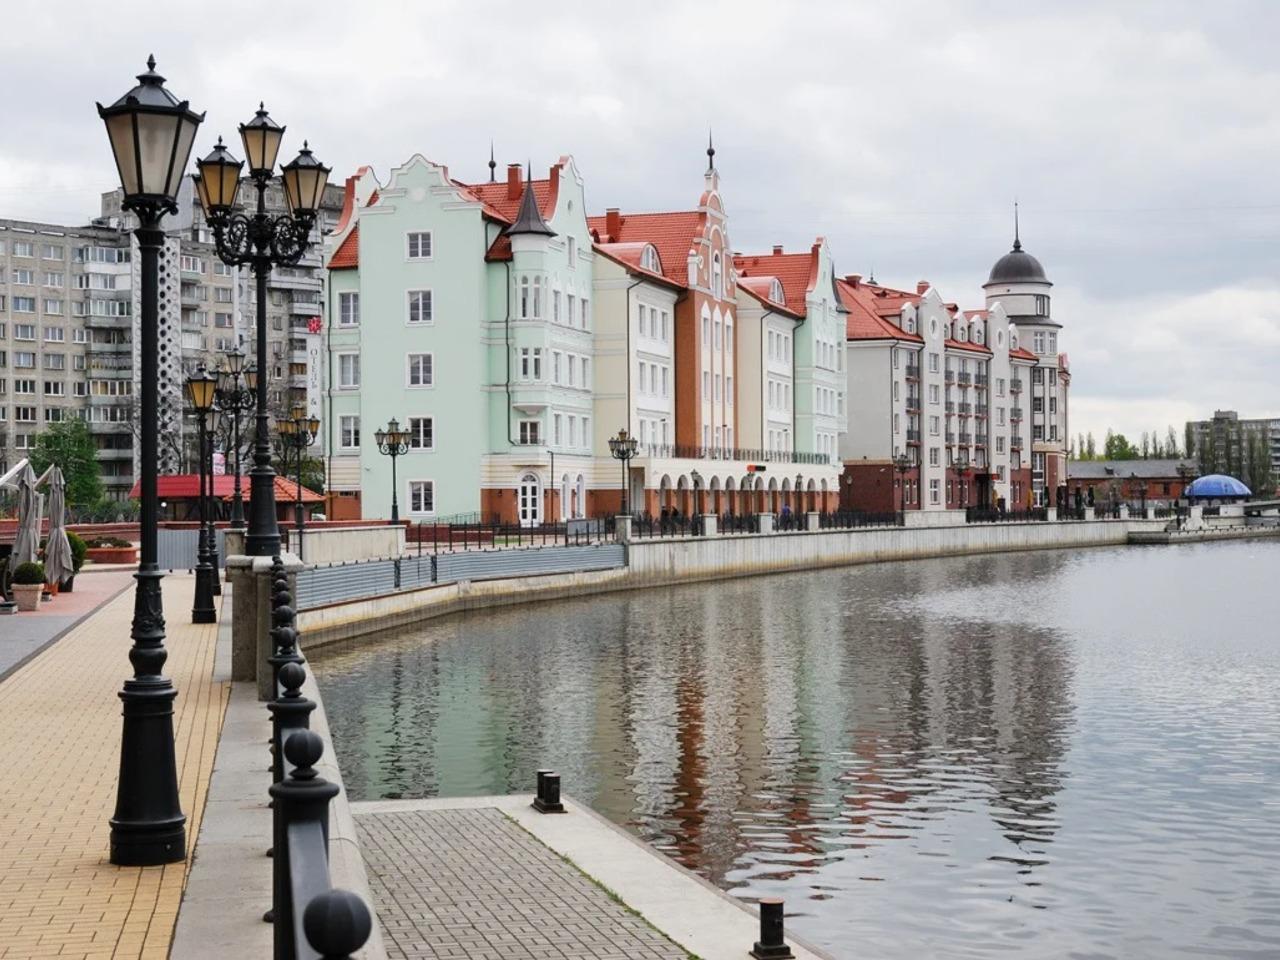 3 дня в Калининграде: город + побережье + замки - индивидуальная экскурсия в Калининграде от опытного гида